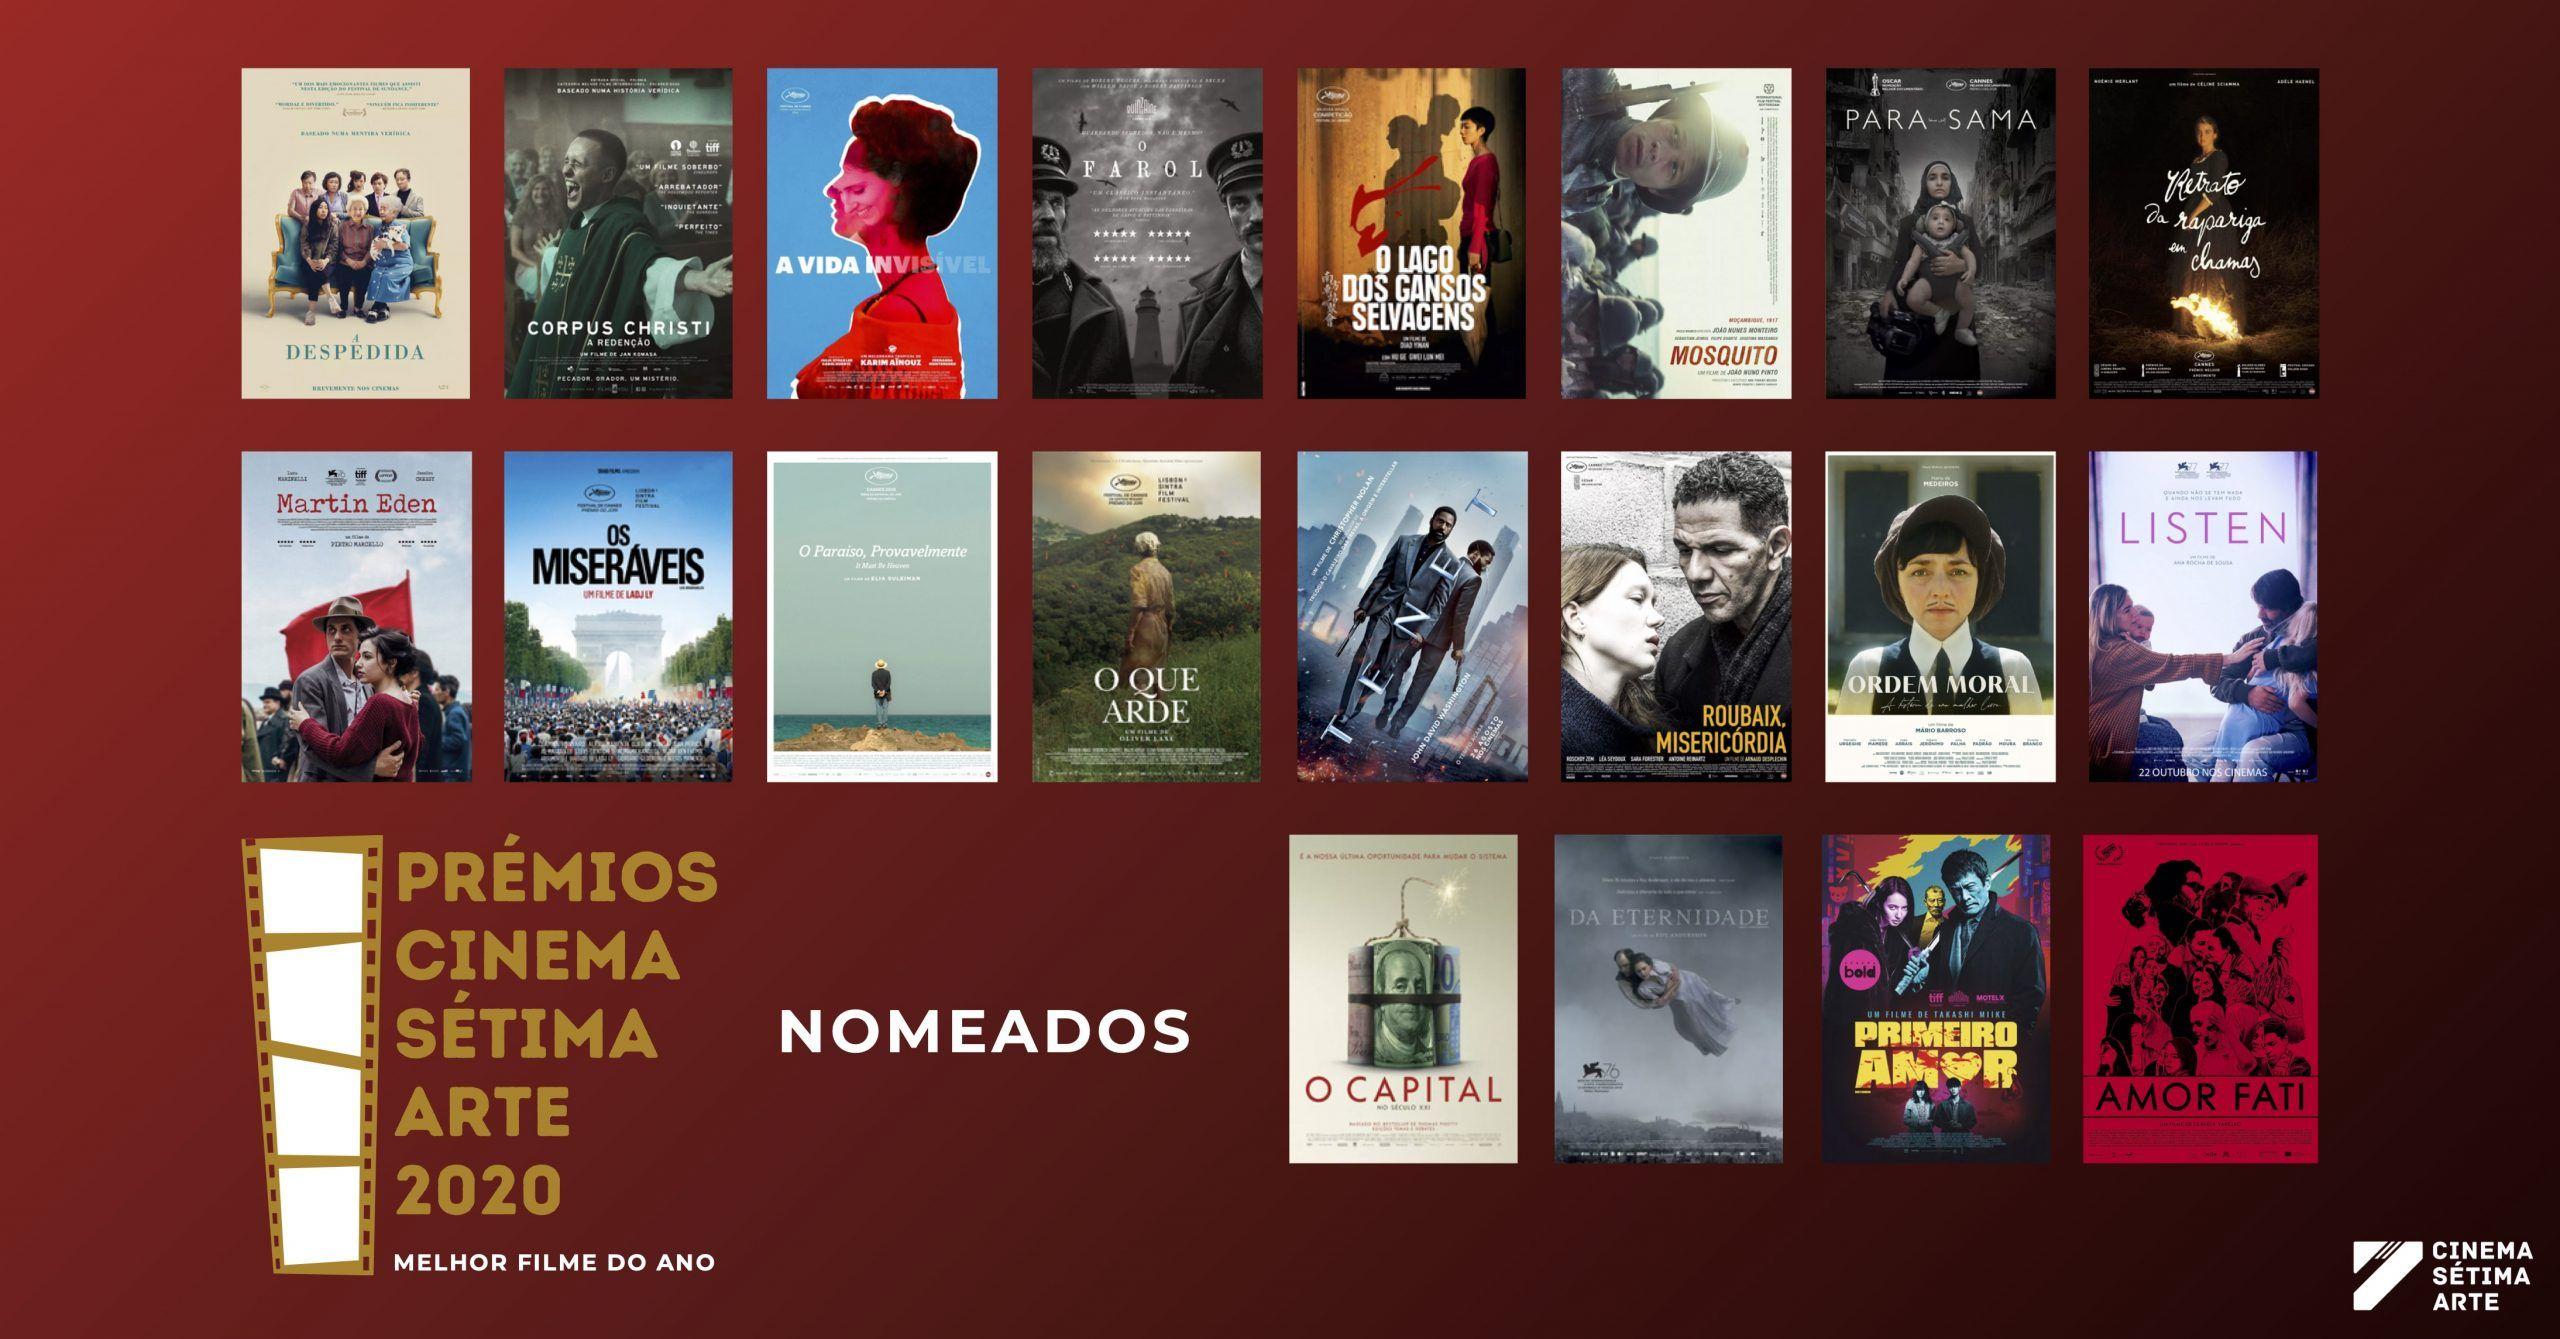 Premios-cinema-setima-arte-2020-2